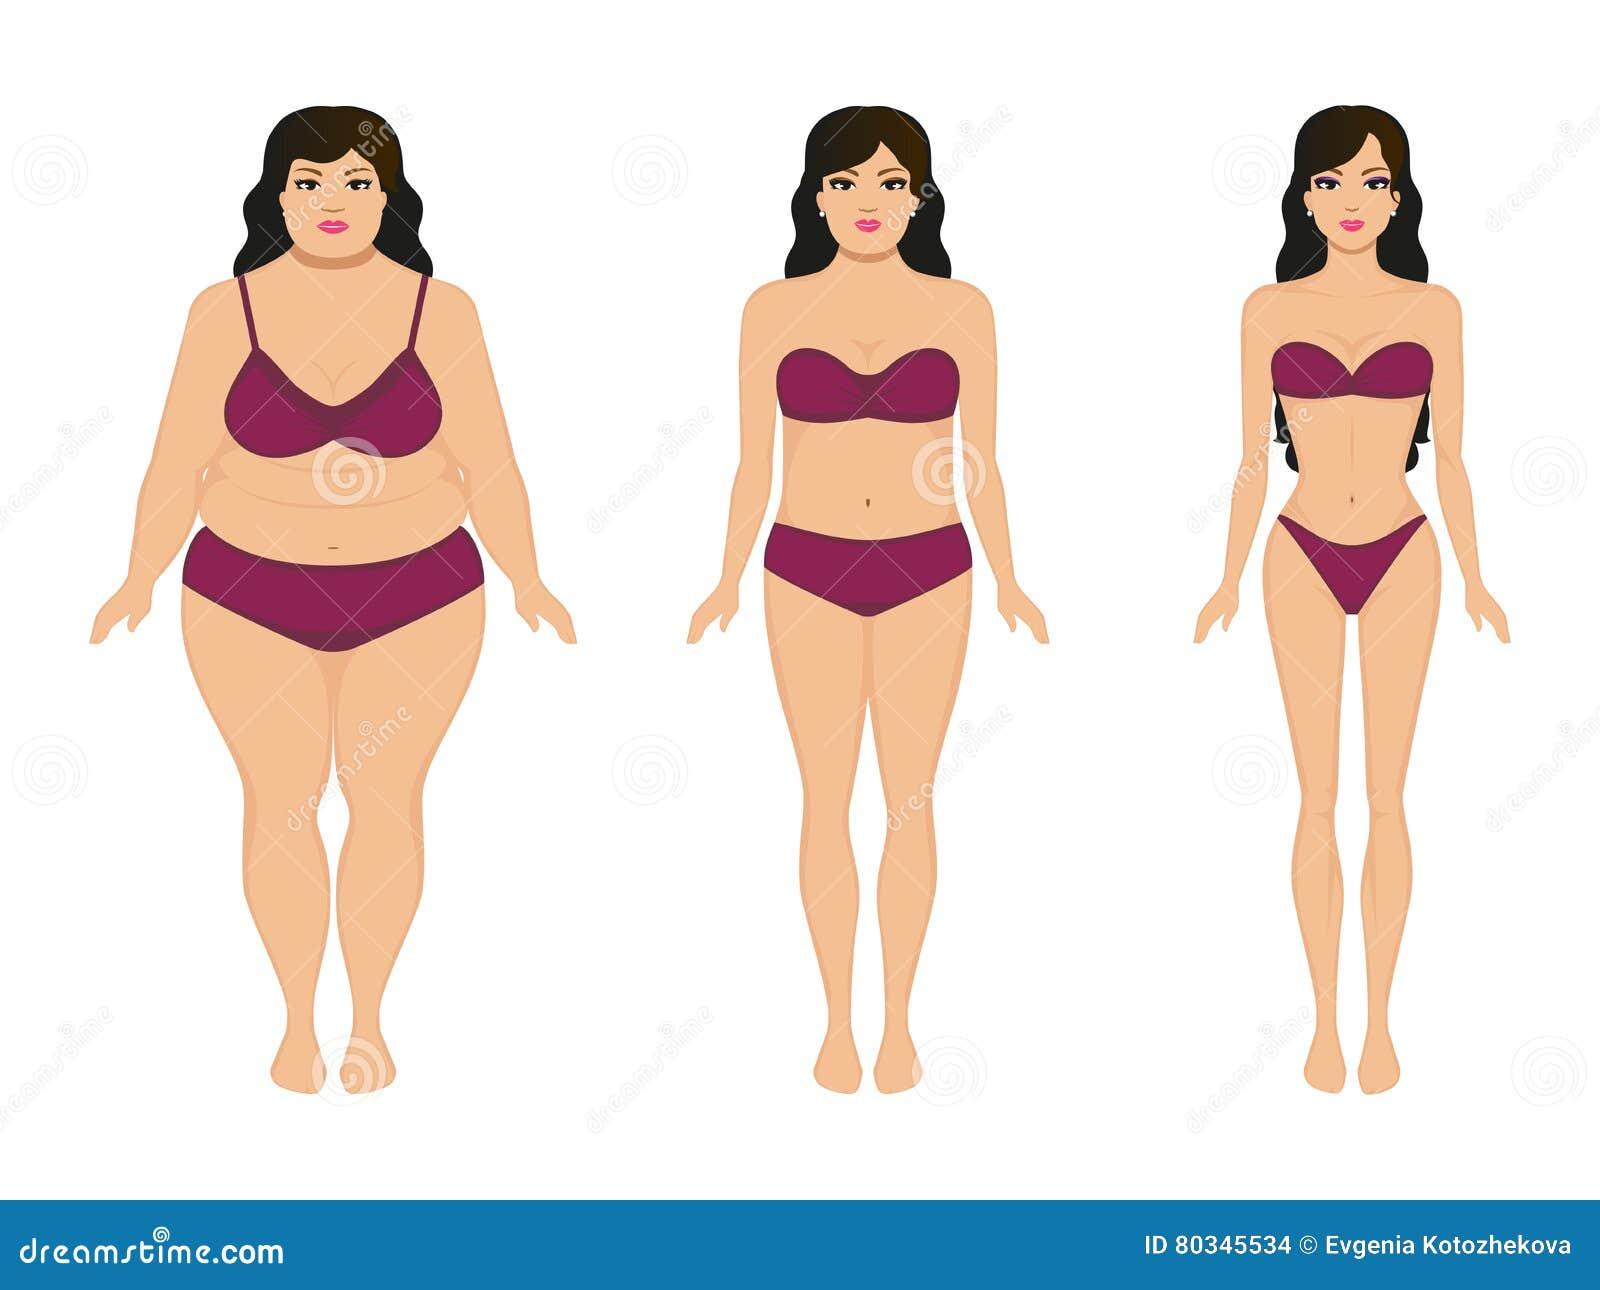 atletica e perdita di peso